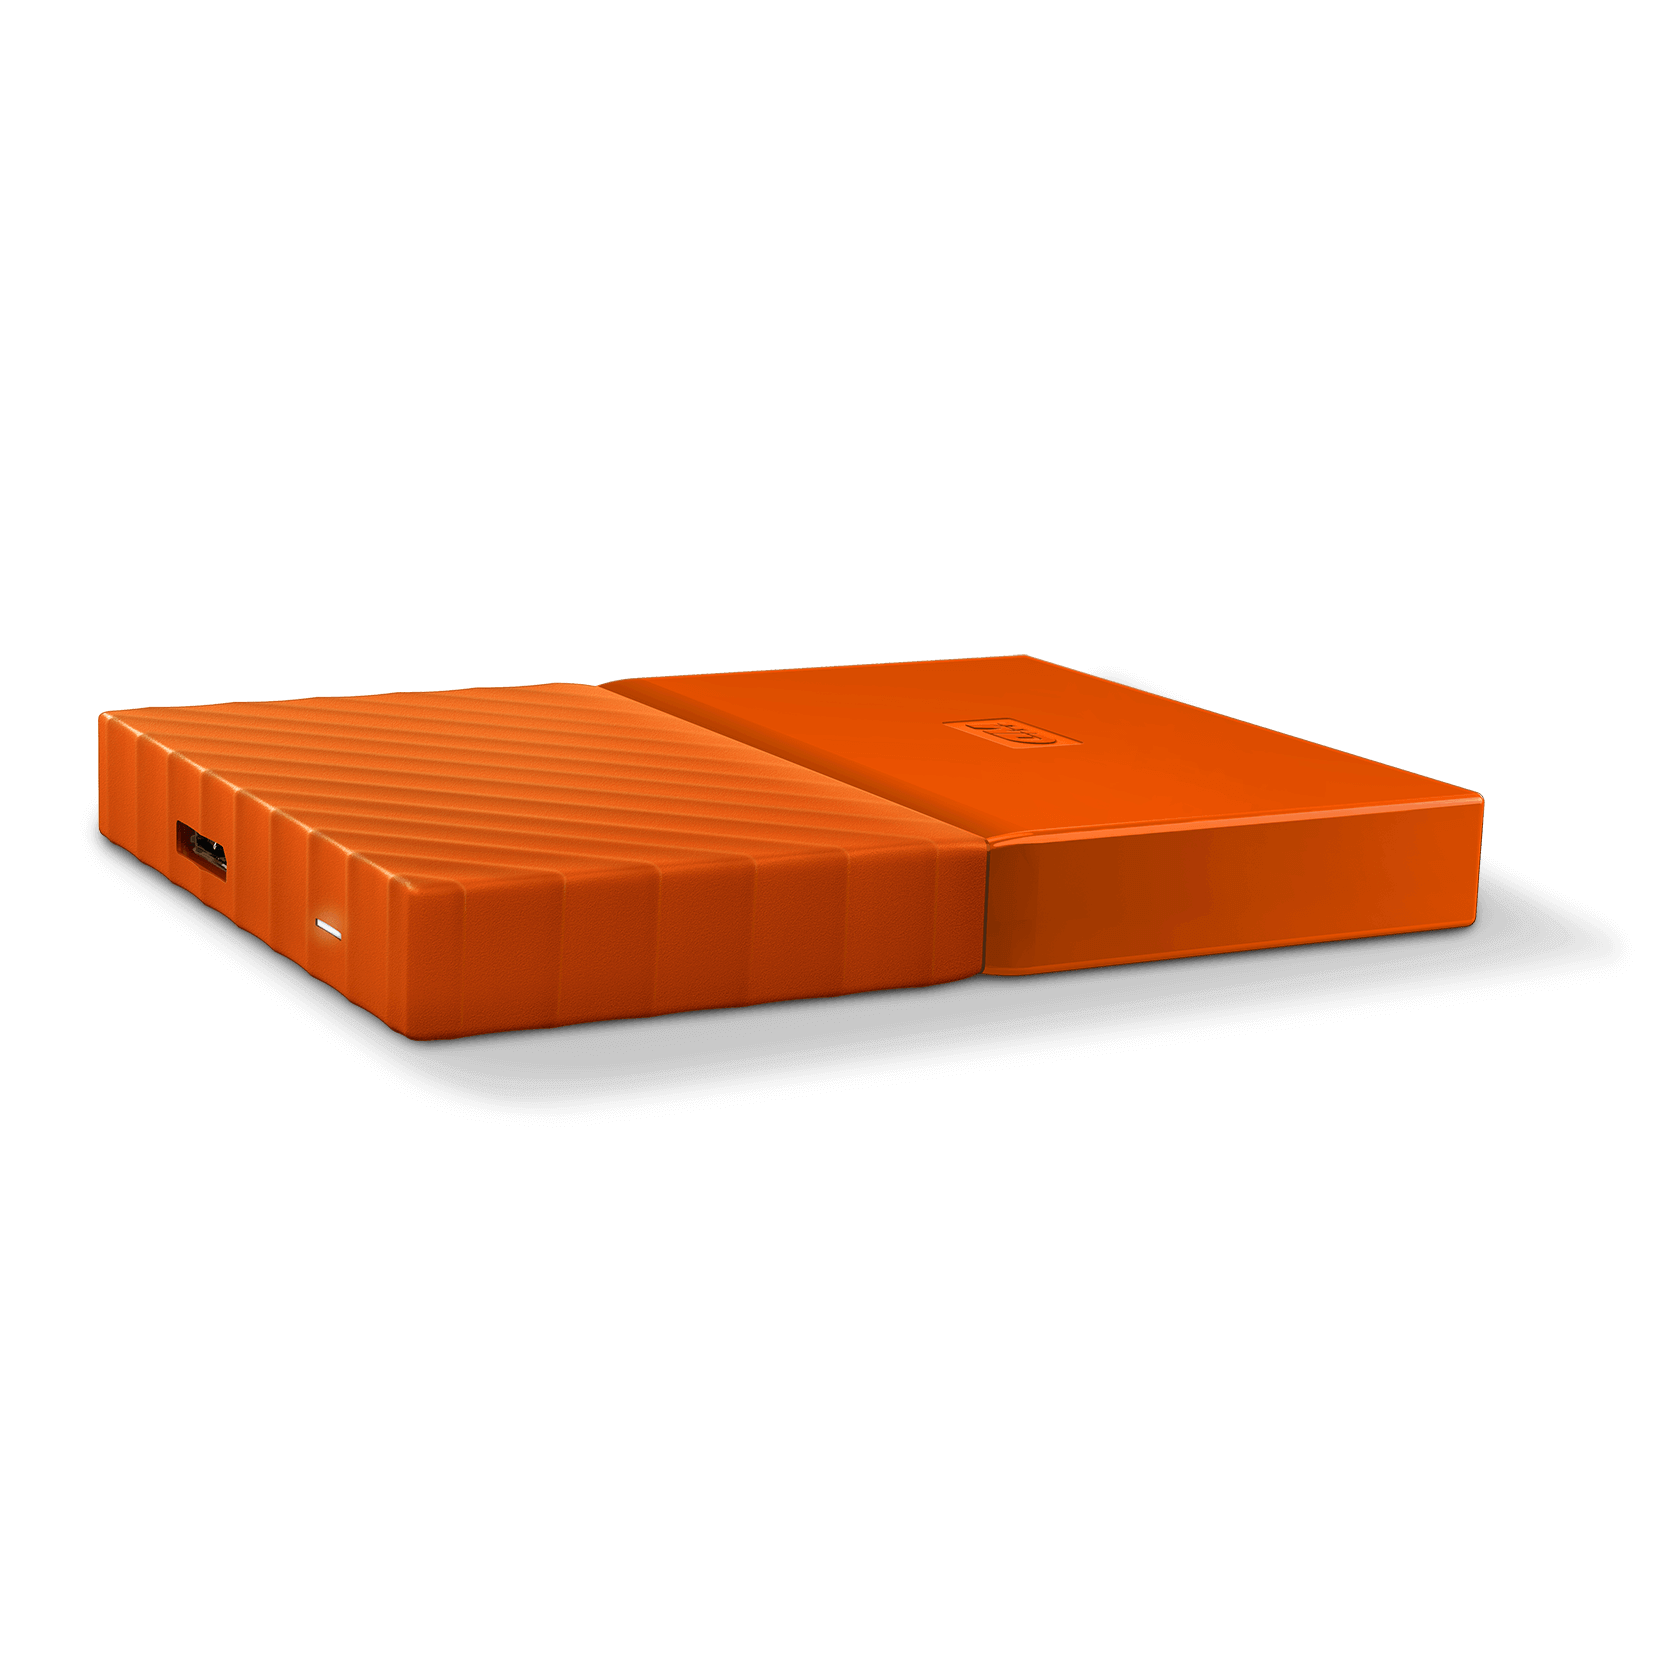 Western Digital WDBYNN0010BOR-WESN 1tb My Passport Ultra Orange